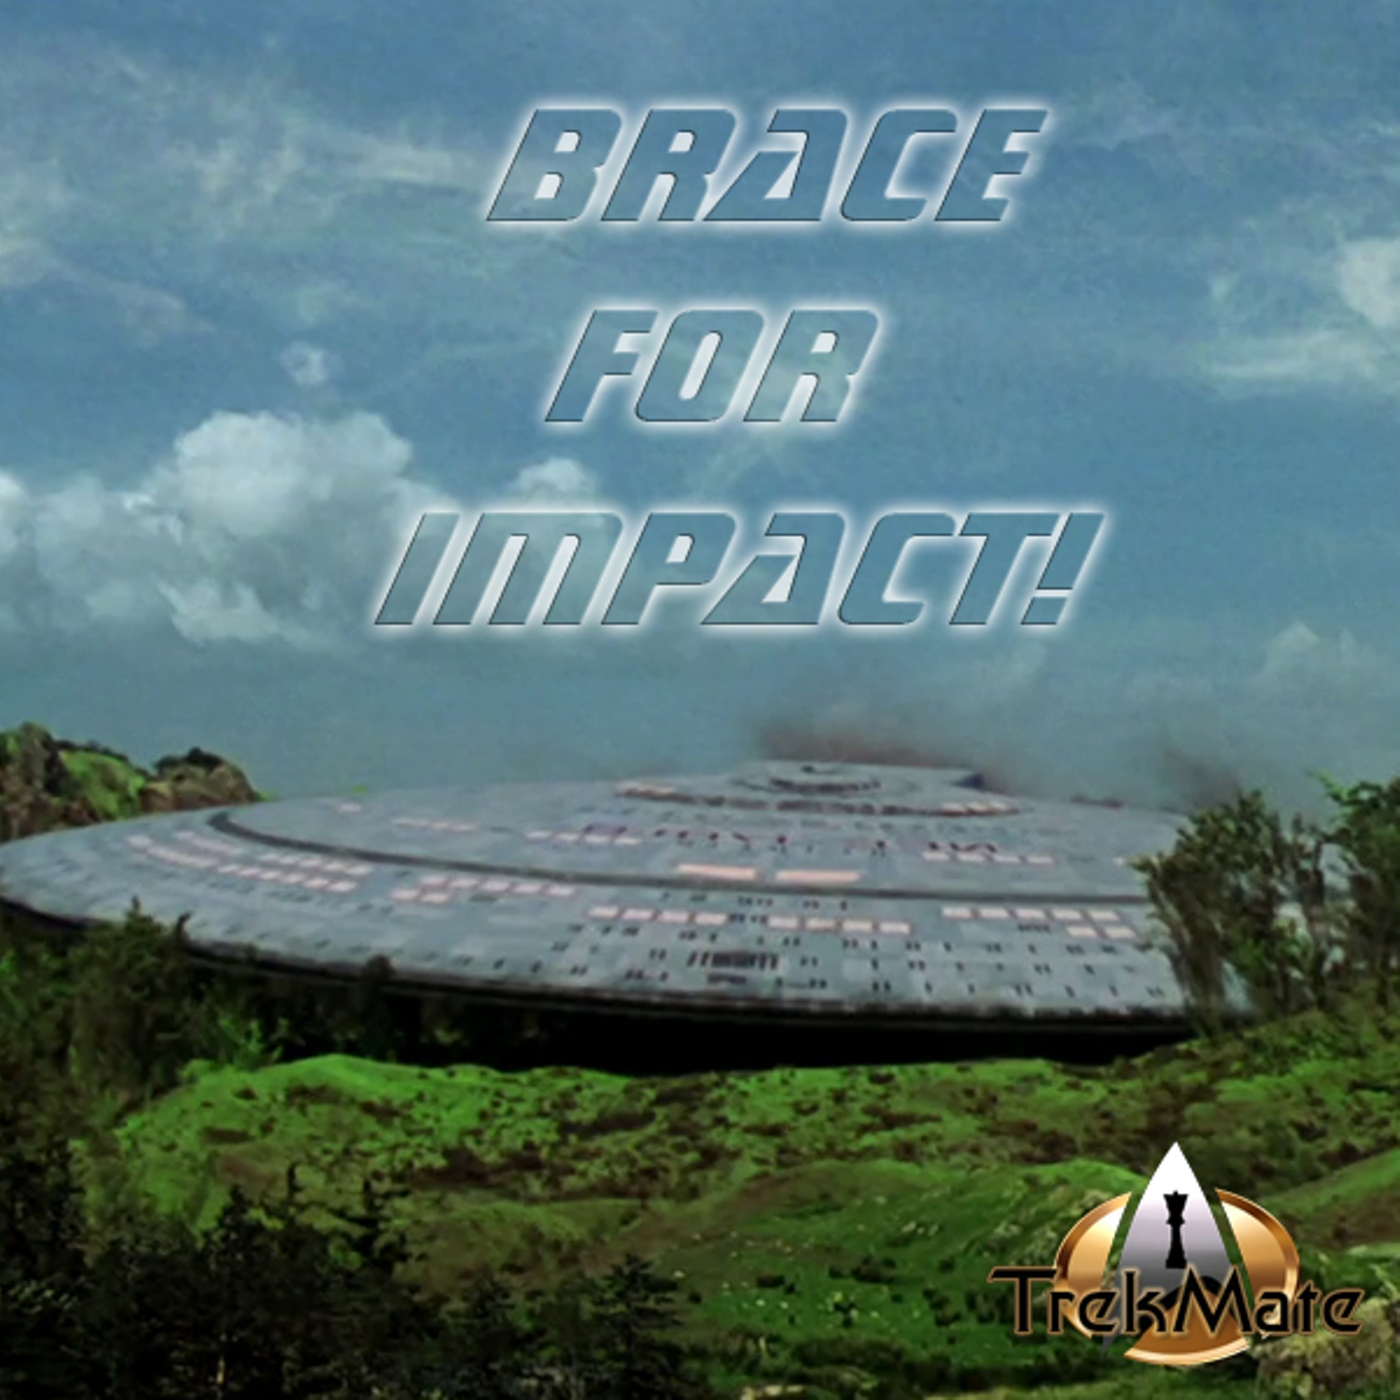 Trek Mate Brace For Impact!